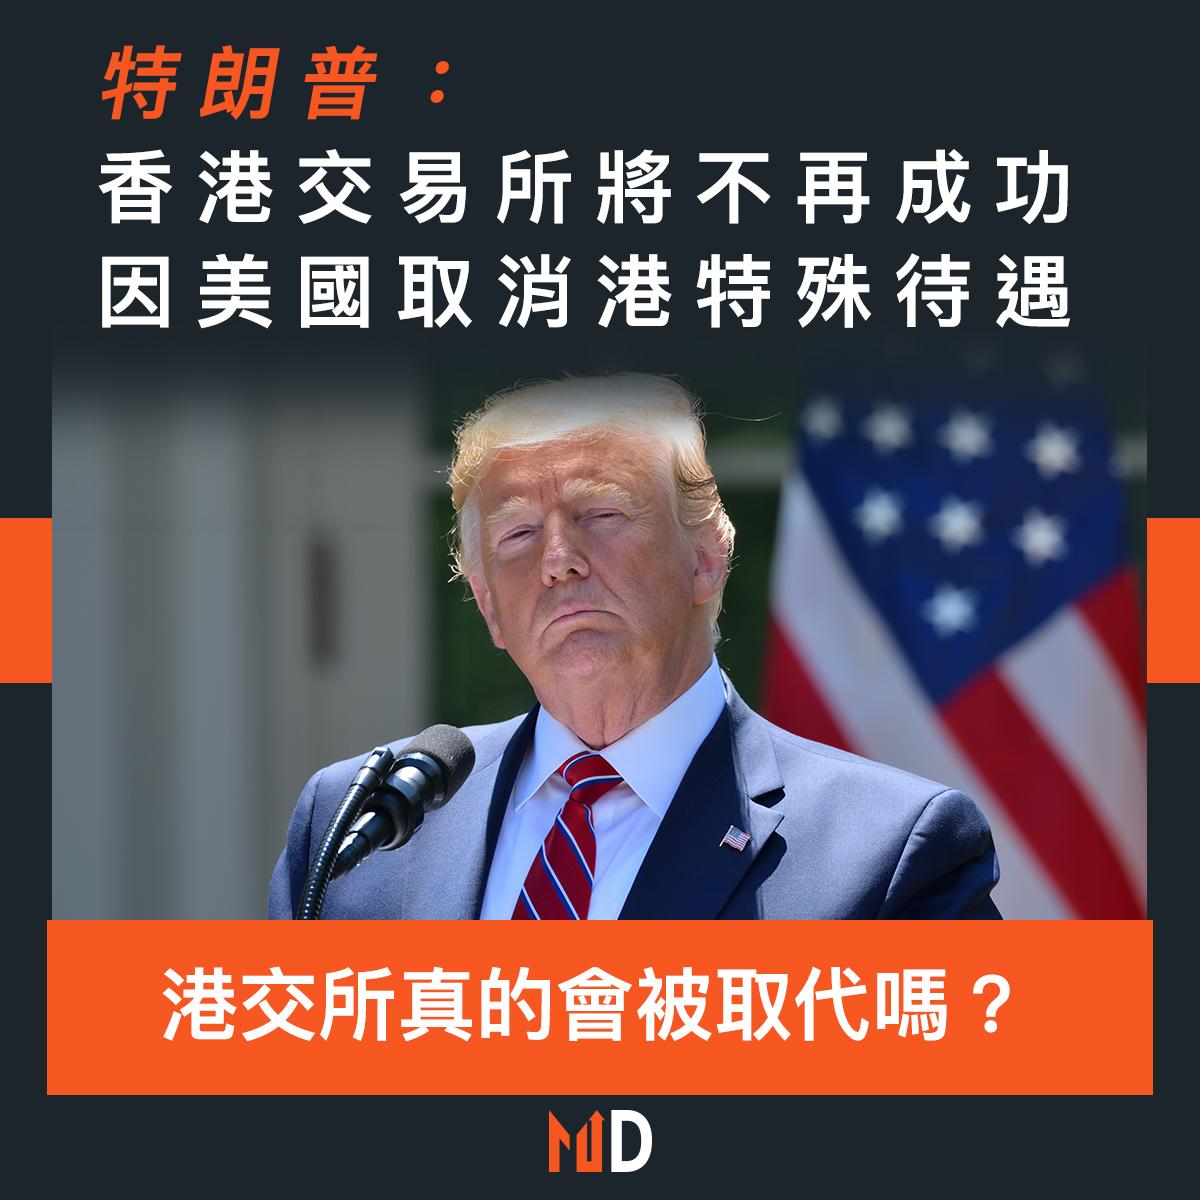 【市場熱話】特朗普:香港交易所將不再成功,因美國取消港特殊待遇